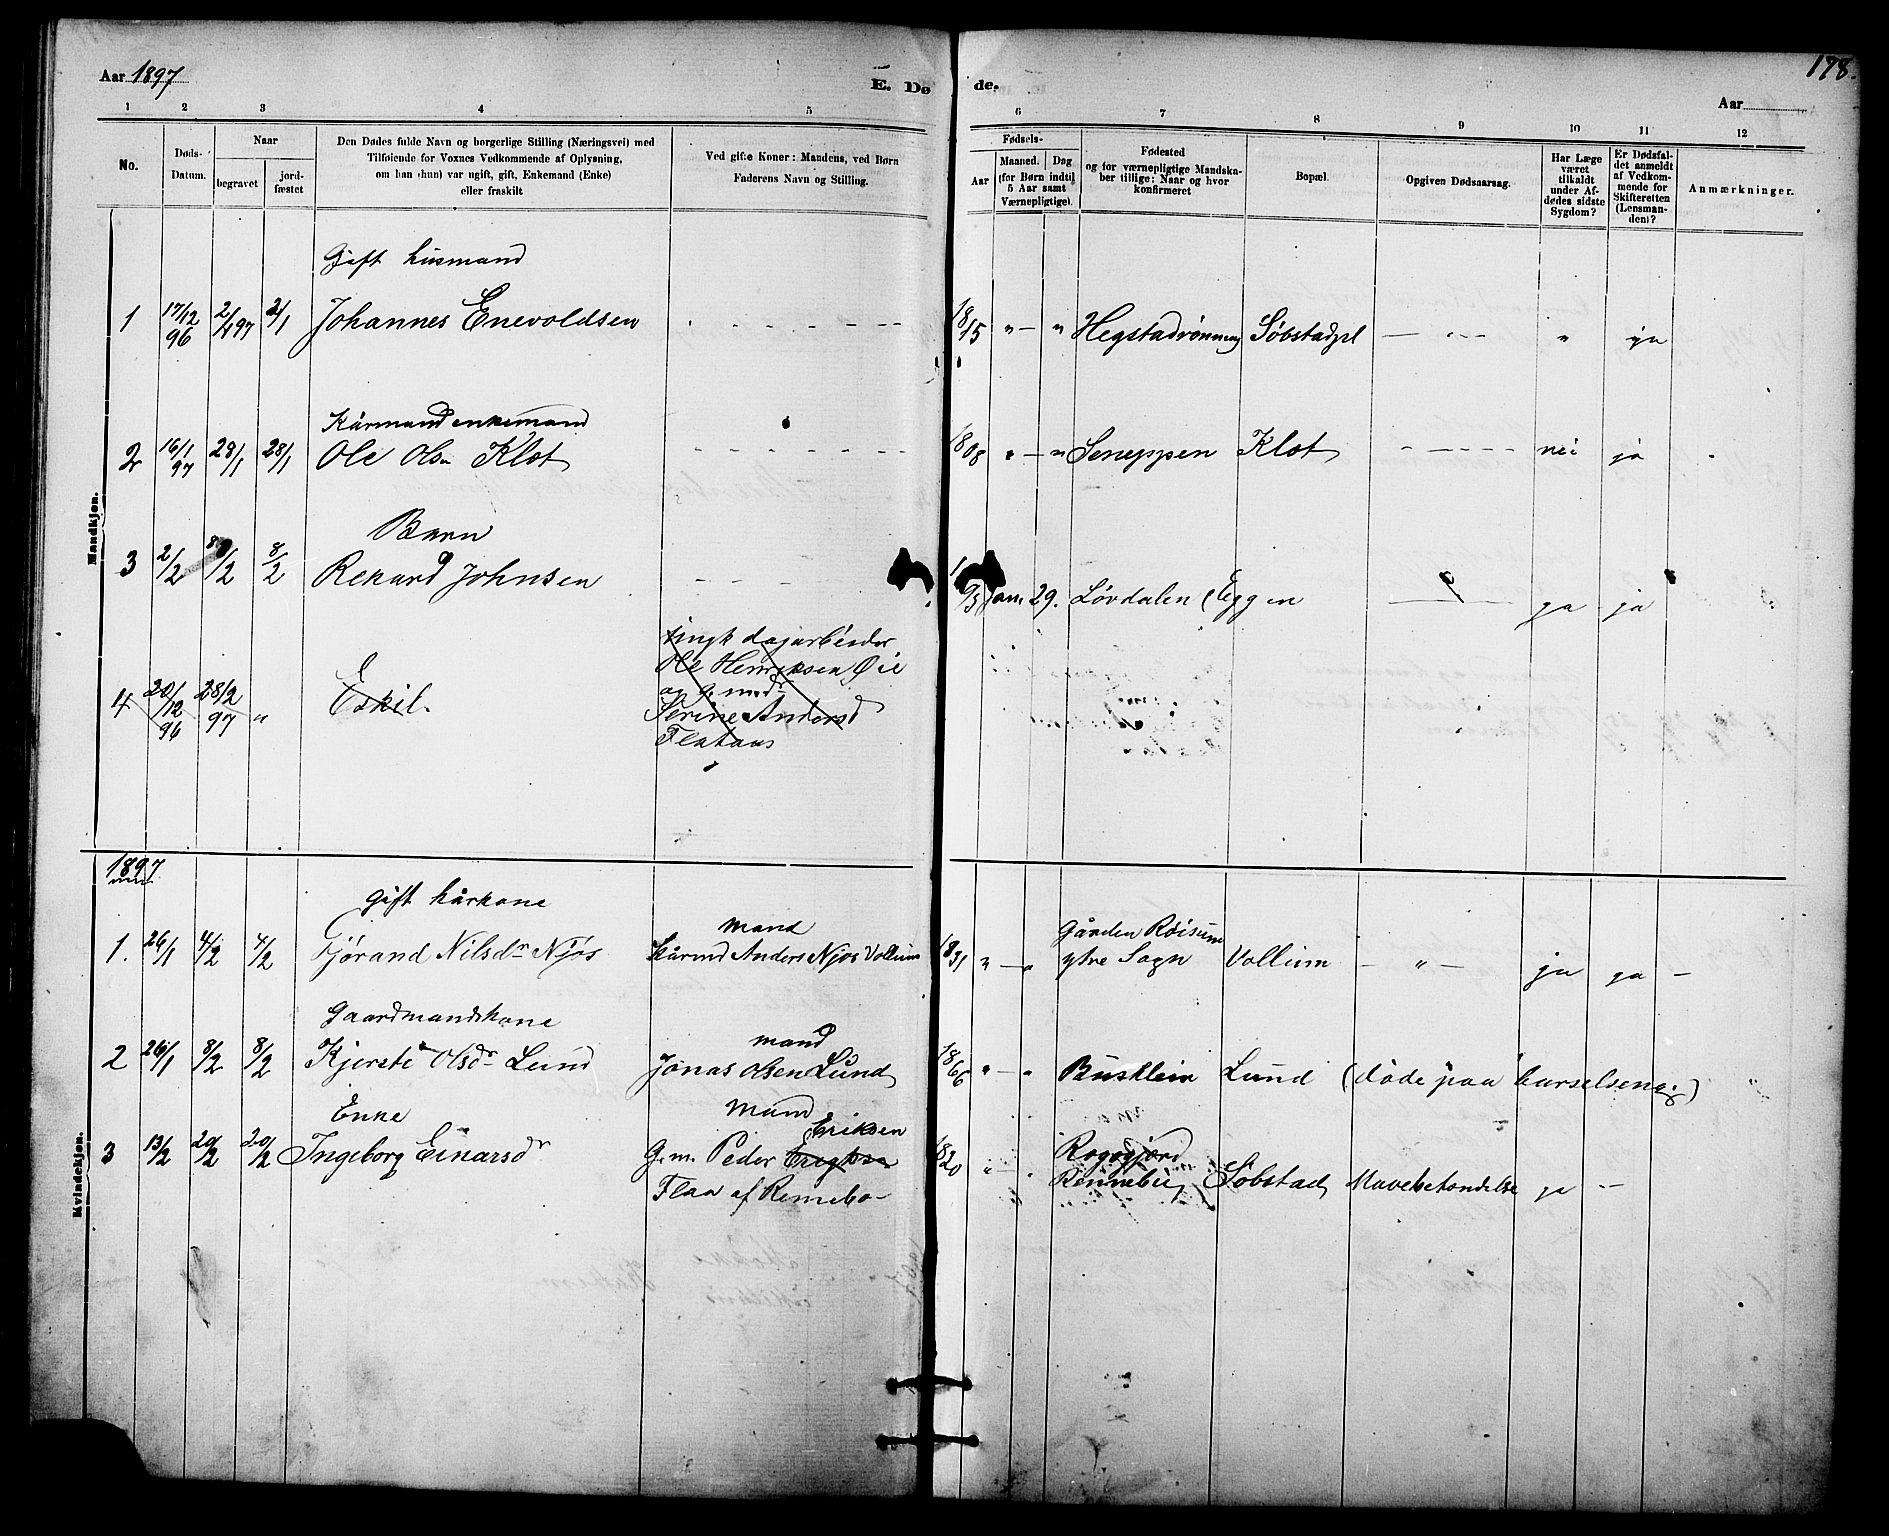 SAT, Ministerialprotokoller, klokkerbøker og fødselsregistre - Sør-Trøndelag, 613/L0395: Klokkerbok nr. 613C03, 1887-1909, s. 178